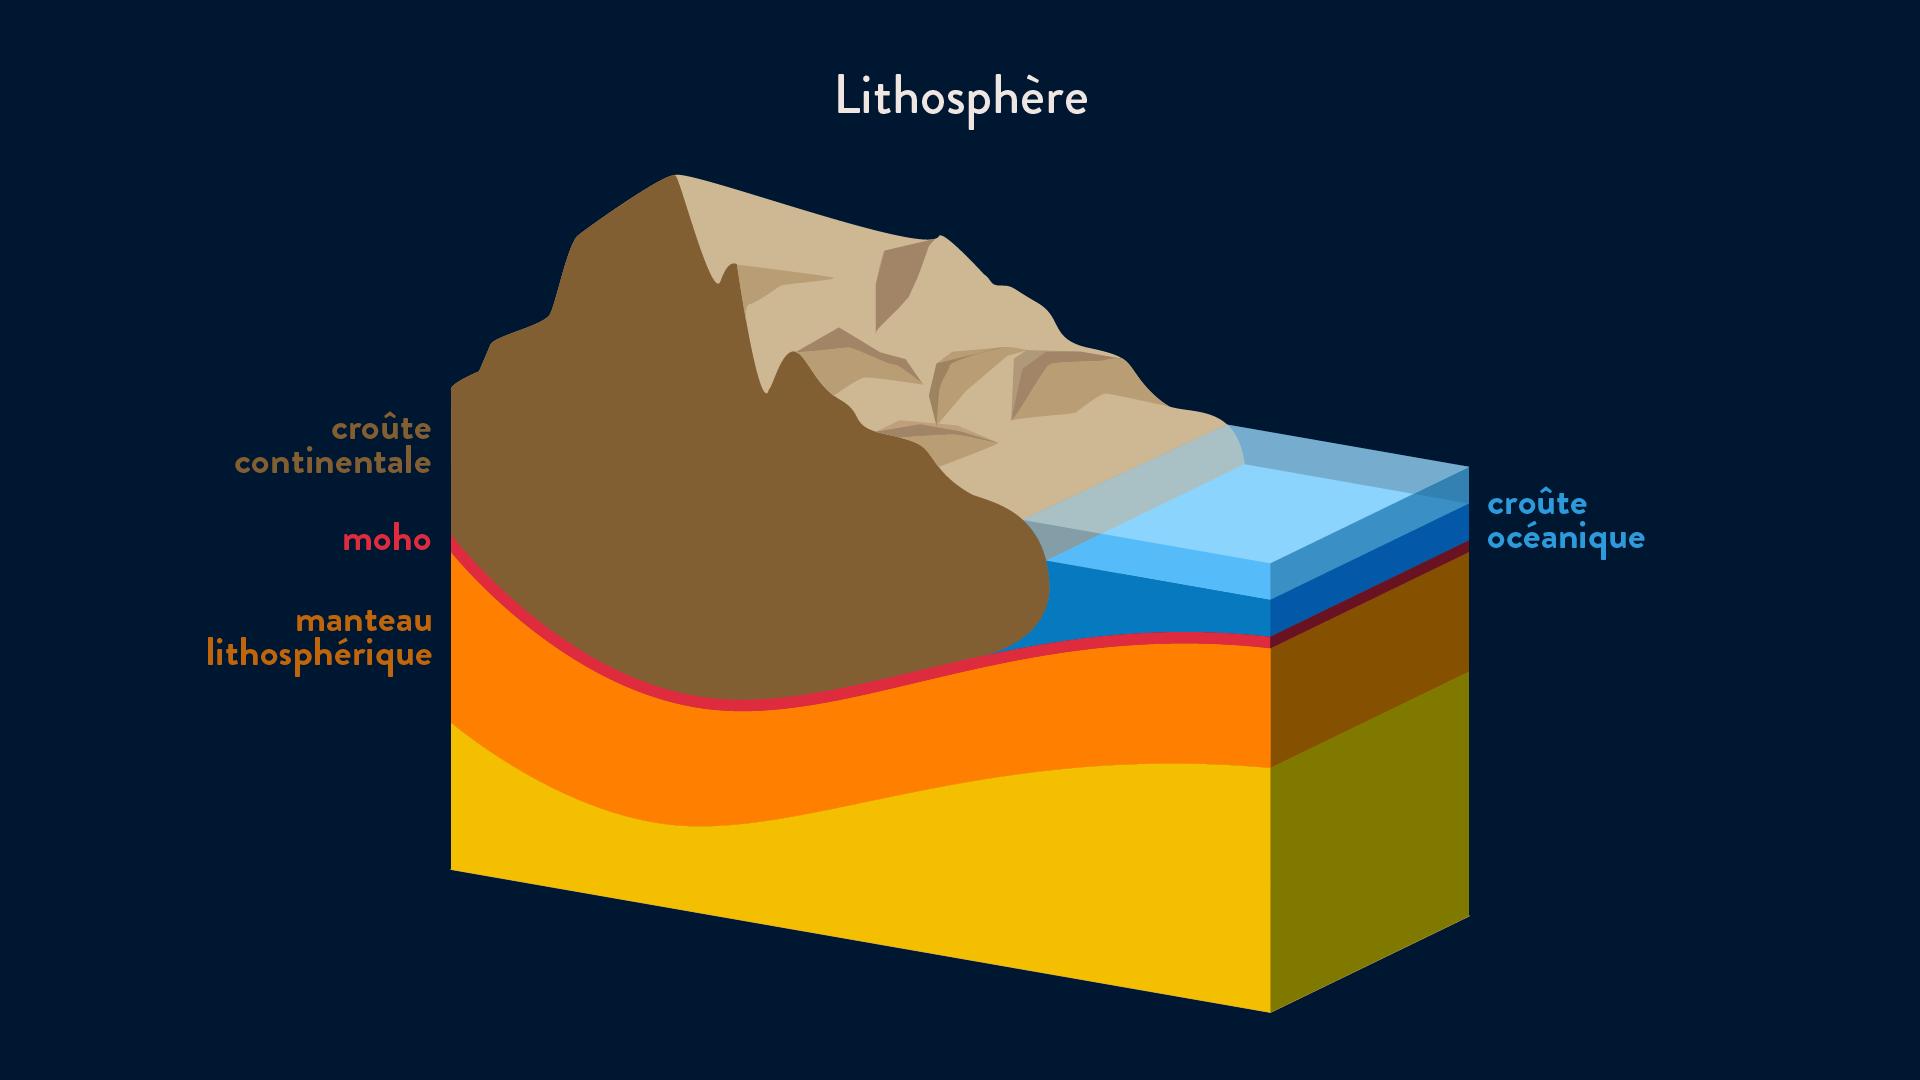 lithosphère croûte océanique croûte continentale moho manteau